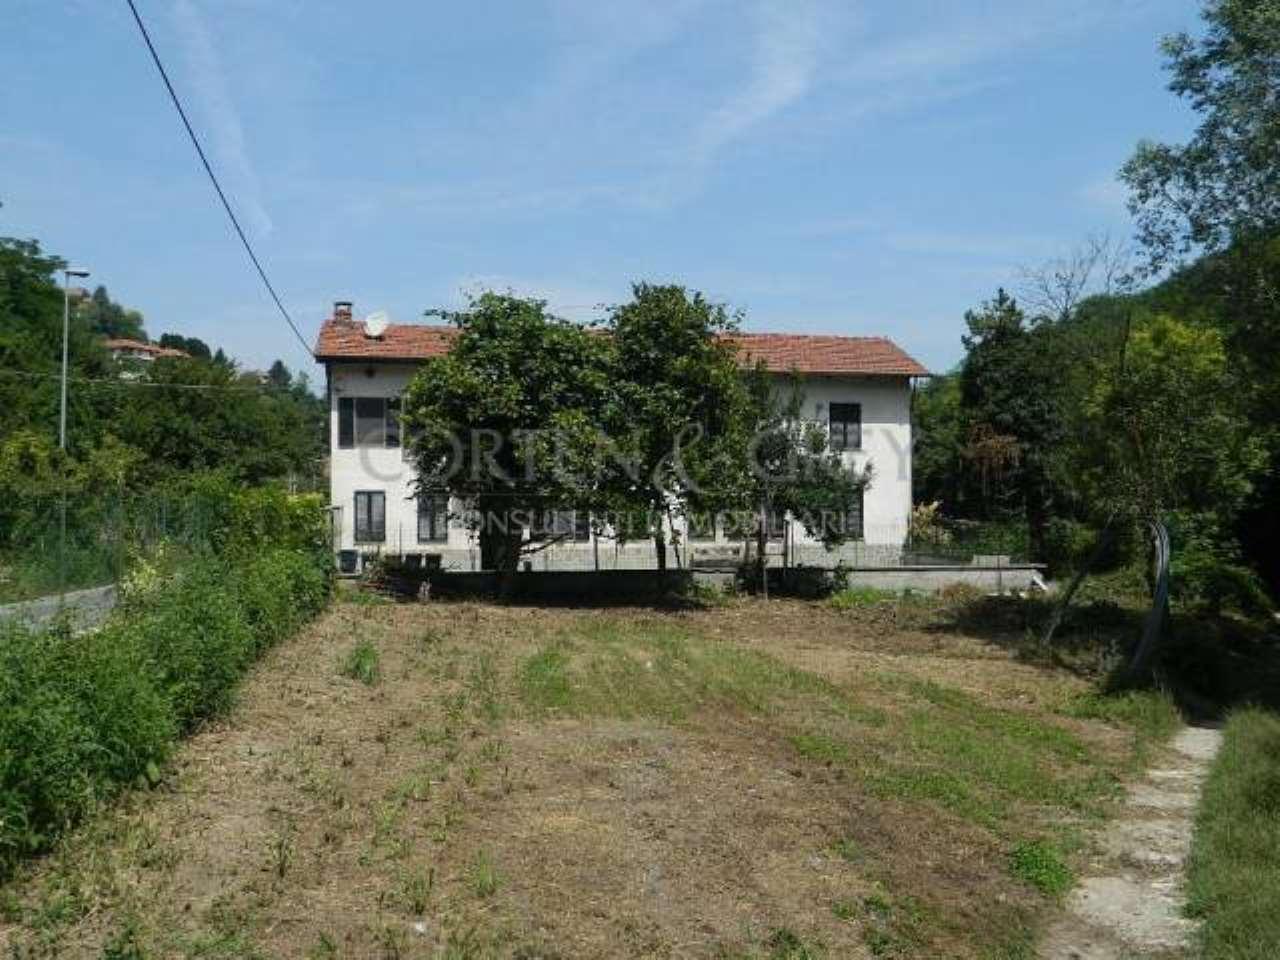 Rustico / Casale in vendita a Castiglione Torinese, 6 locali, prezzo € 270.000   CambioCasa.it